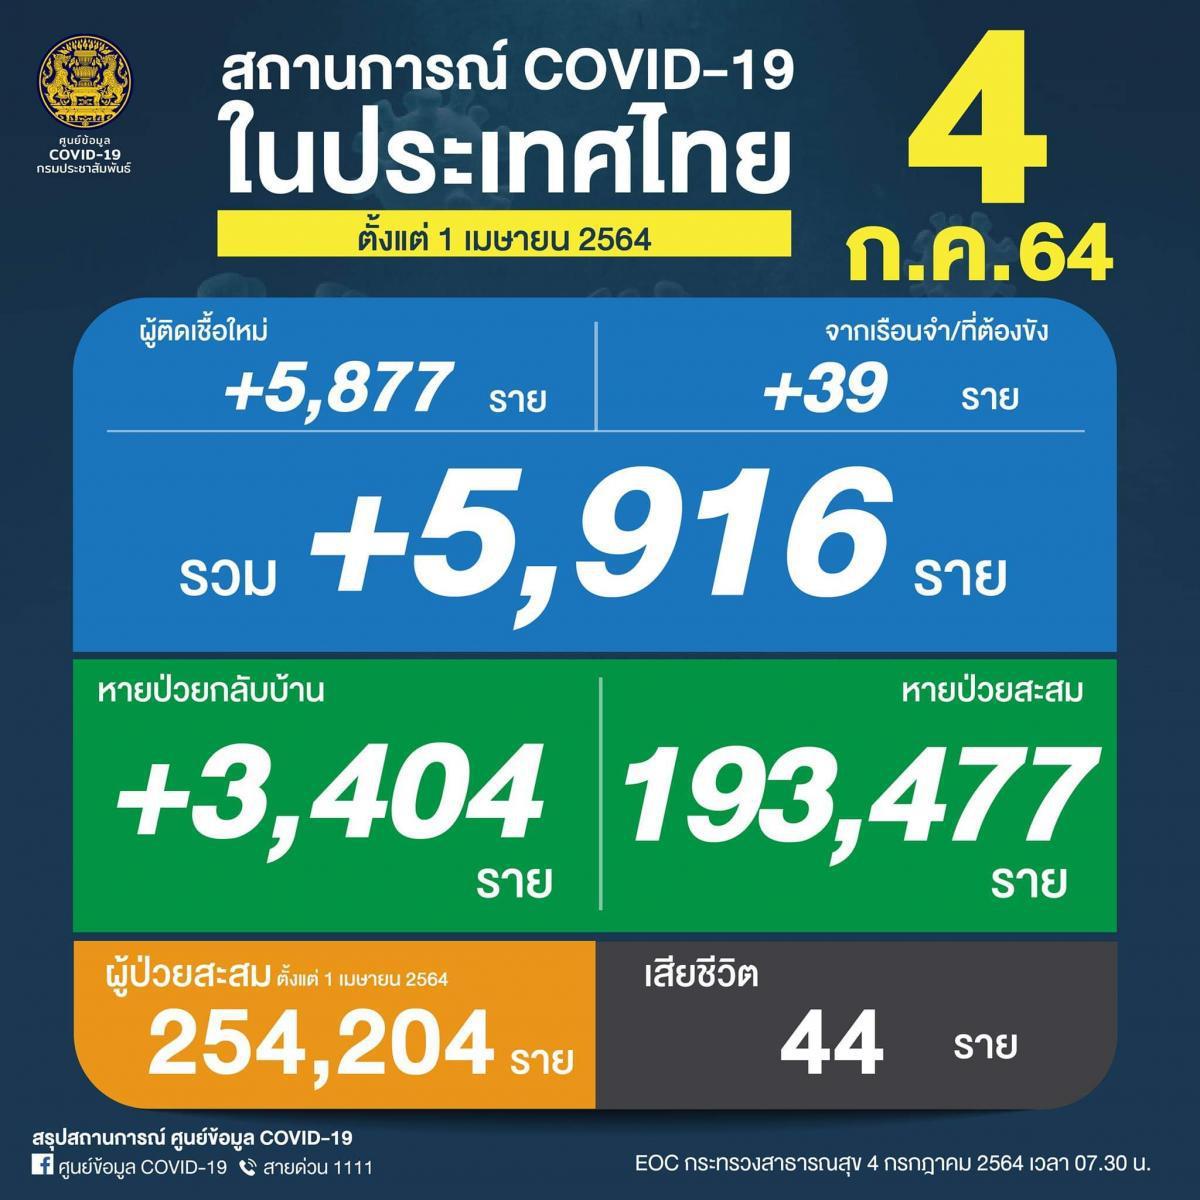 โควิดไทยดุ คร่าอีก 44 ชีวิต รวมแล้ว 2,226 ศพ ติดเชื้อเพิ่ม 5.9 พันราย